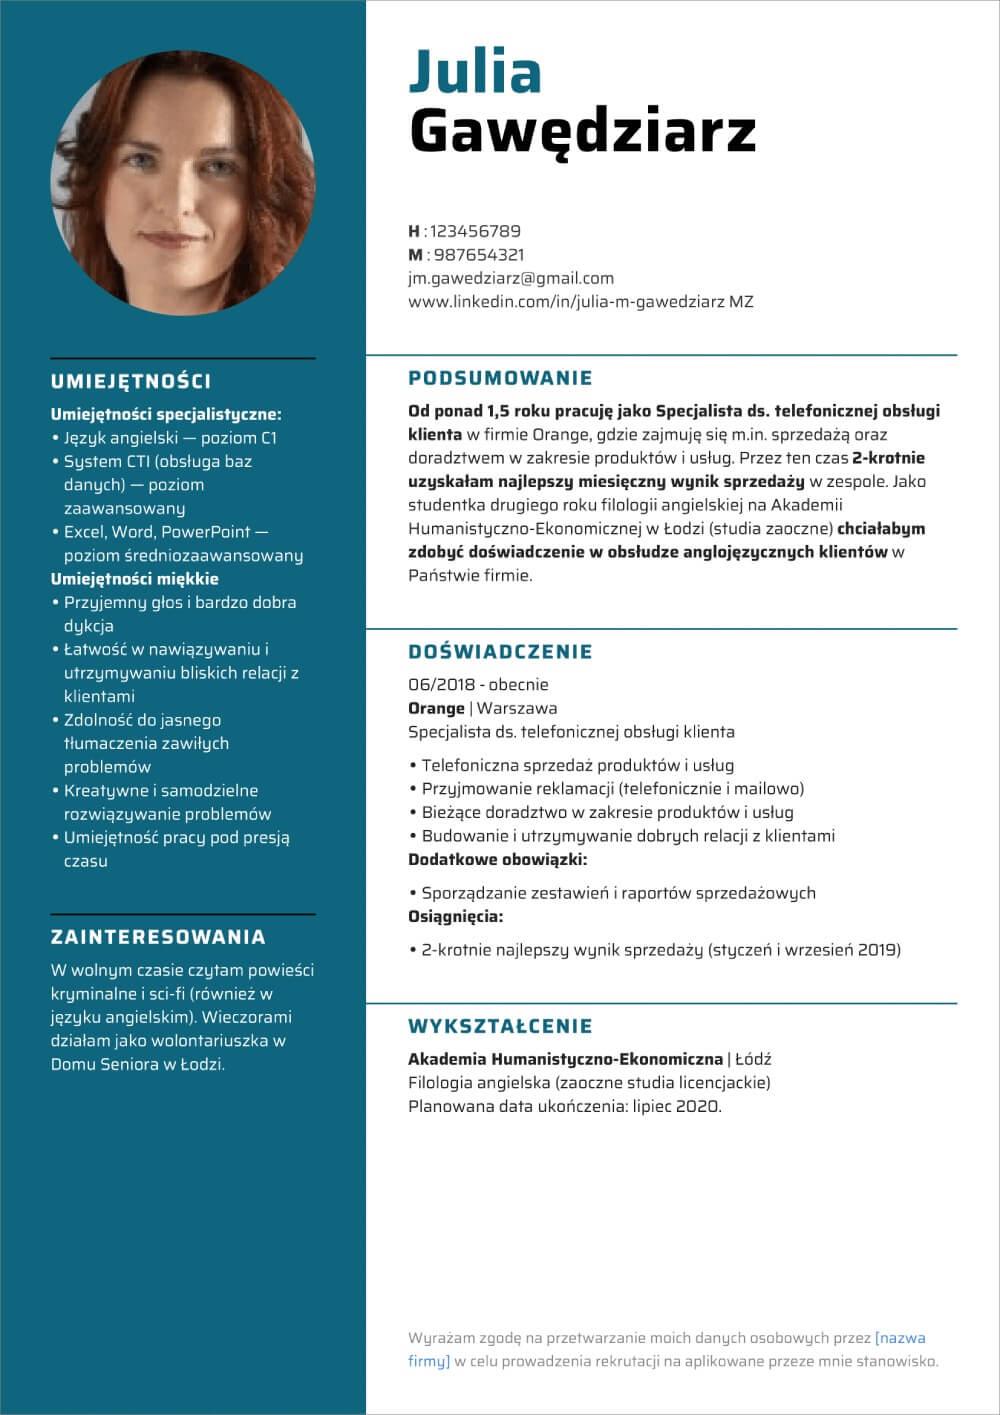 curriculum vitae wzor doc